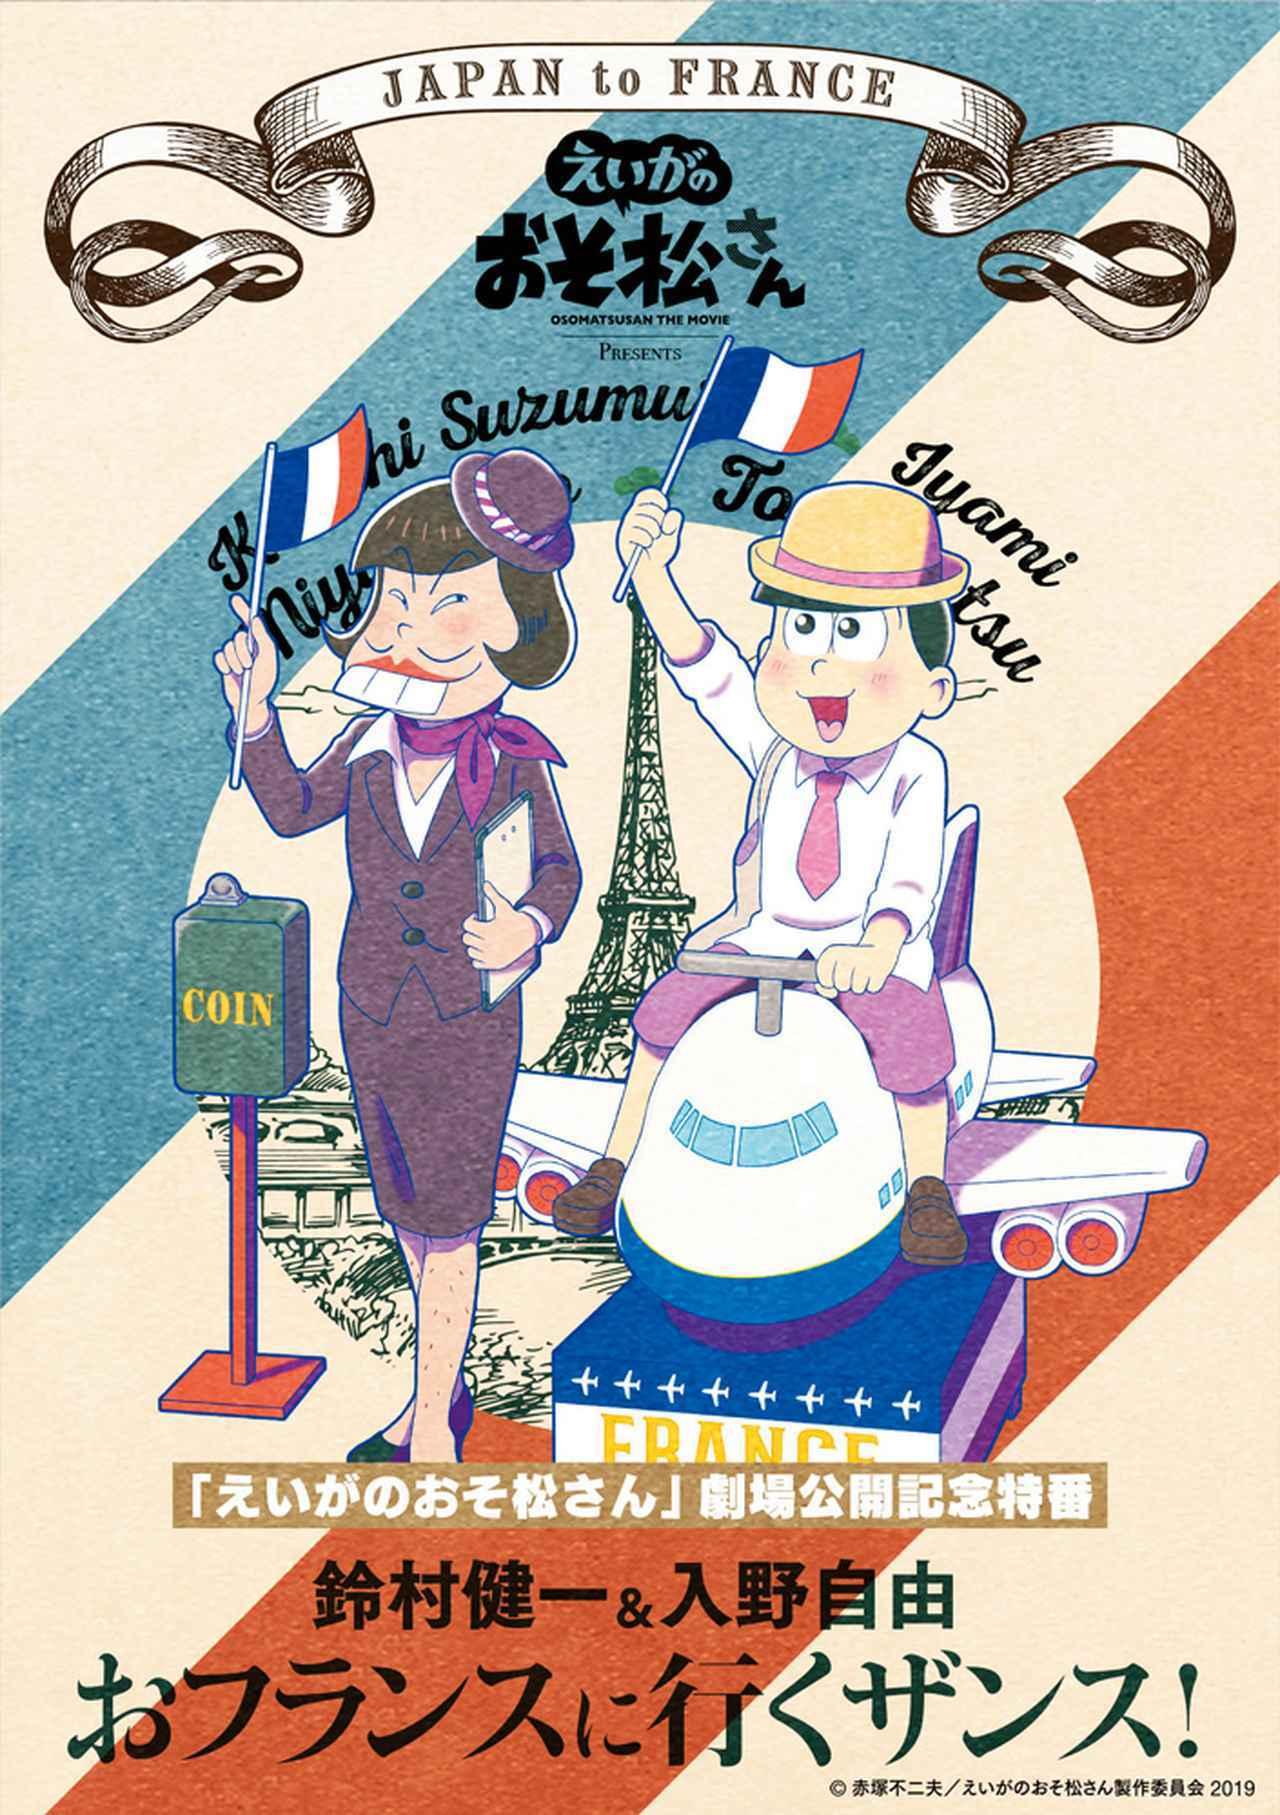 画像: 収録内容/本編:3日間のフランス宣伝活動映像、特典映像:未定 Blu-ray:6264円、DVD:5184円 ※ジャケット写真はイメージです。 ※収録内容は変更になる可能性がございます。